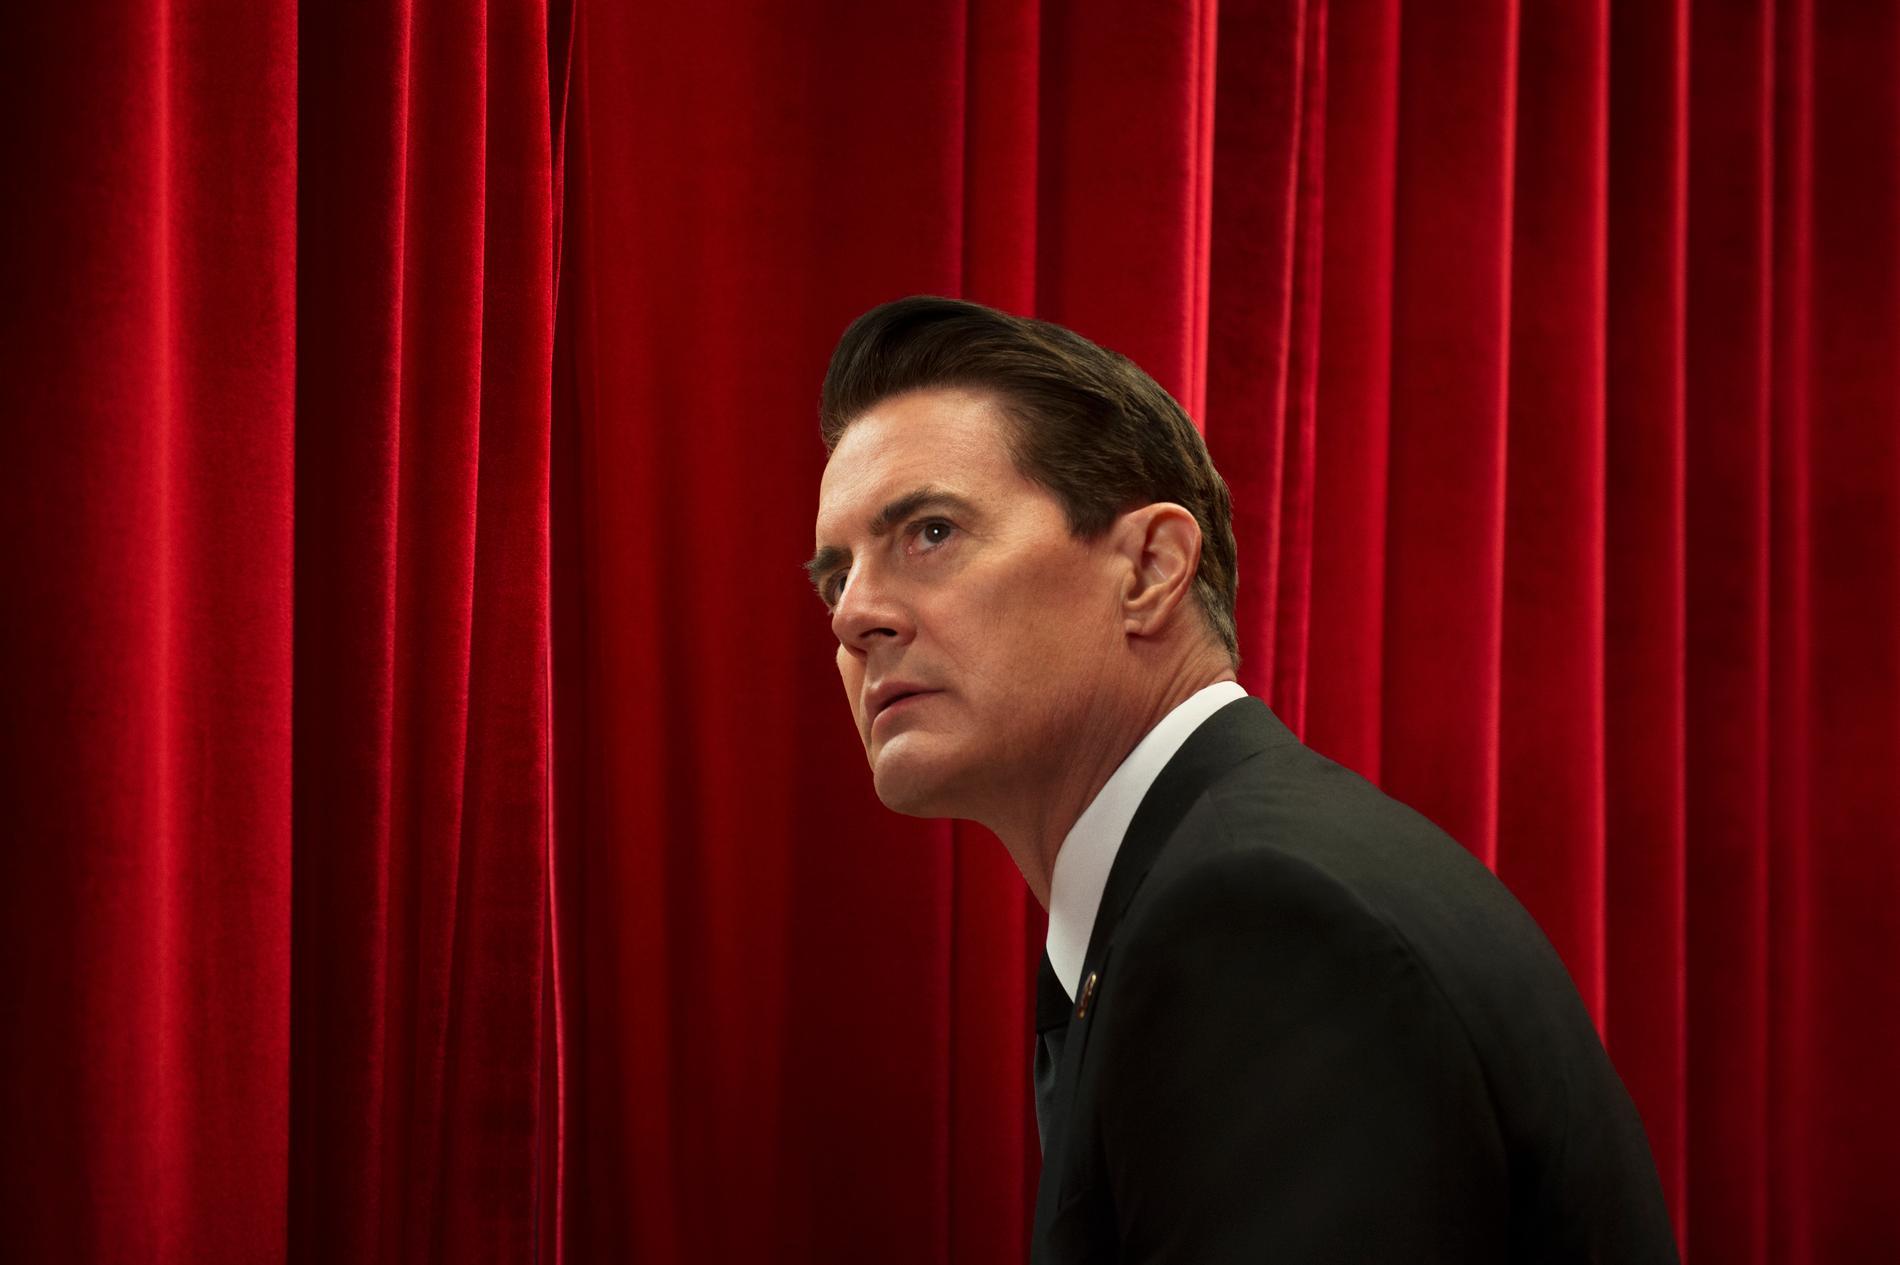 Agent Dale Cooper (Kyle MacLachlan i storform) som han ser ut när han agent Cooper, inte Mr C eller Dougie. Virtanen har sett de första fyra avsnitten och gillar vad han ser efter lyftet i slutet på tredje avsnittet.